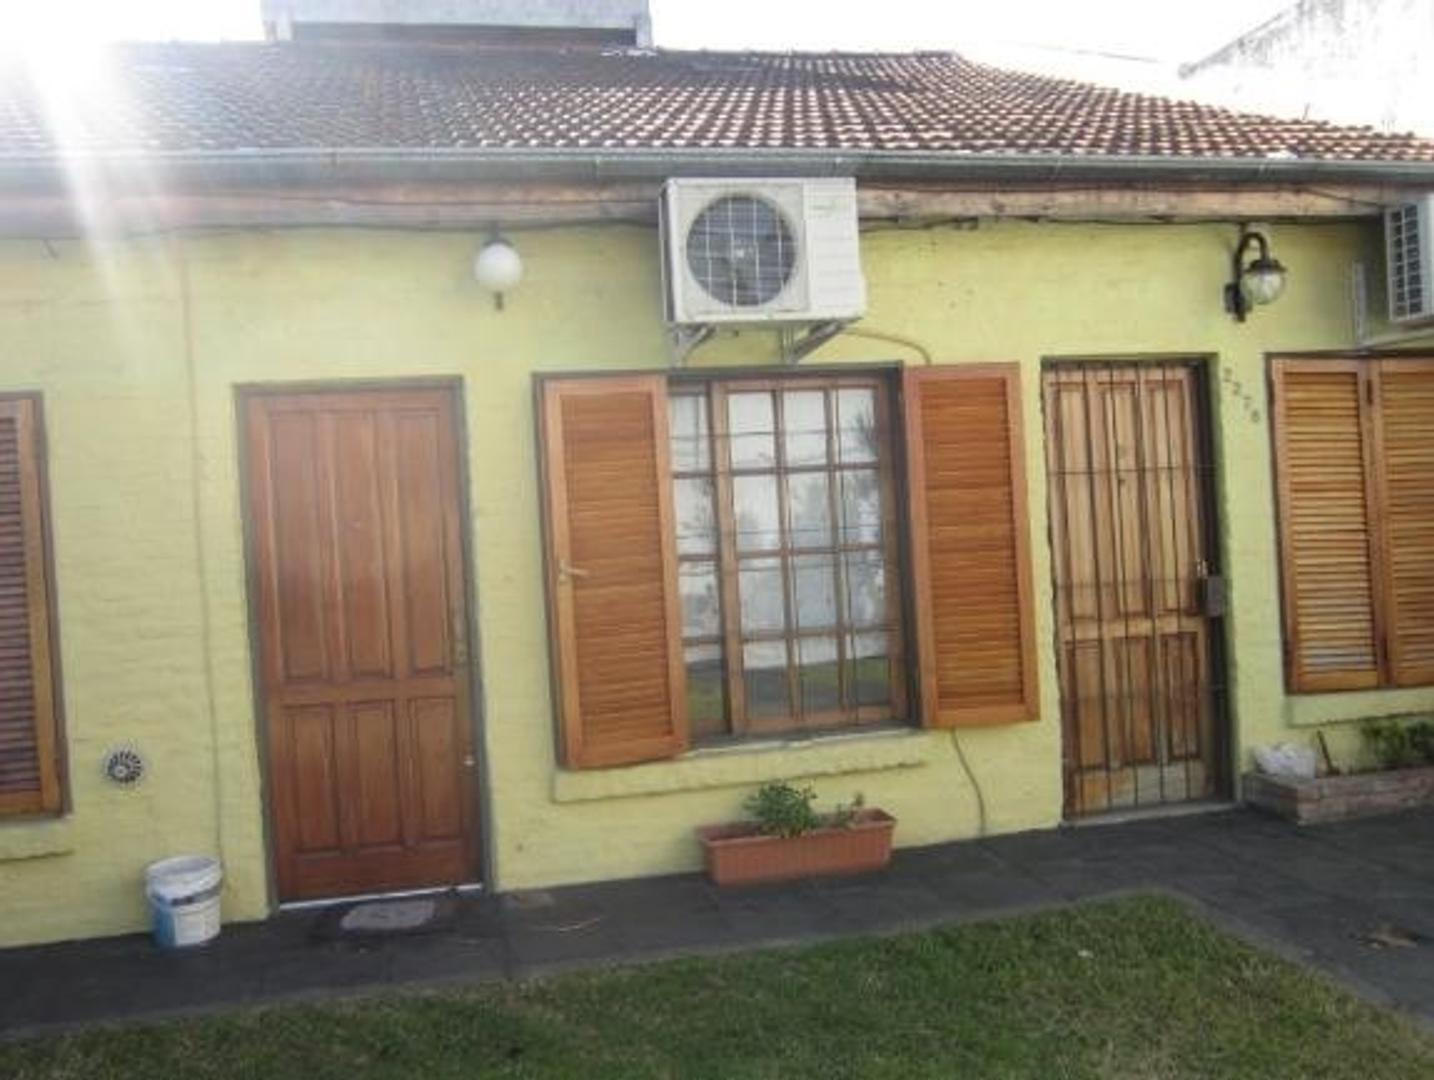 Departamento en Venta en Villa Mazzarello - 2 ambientes